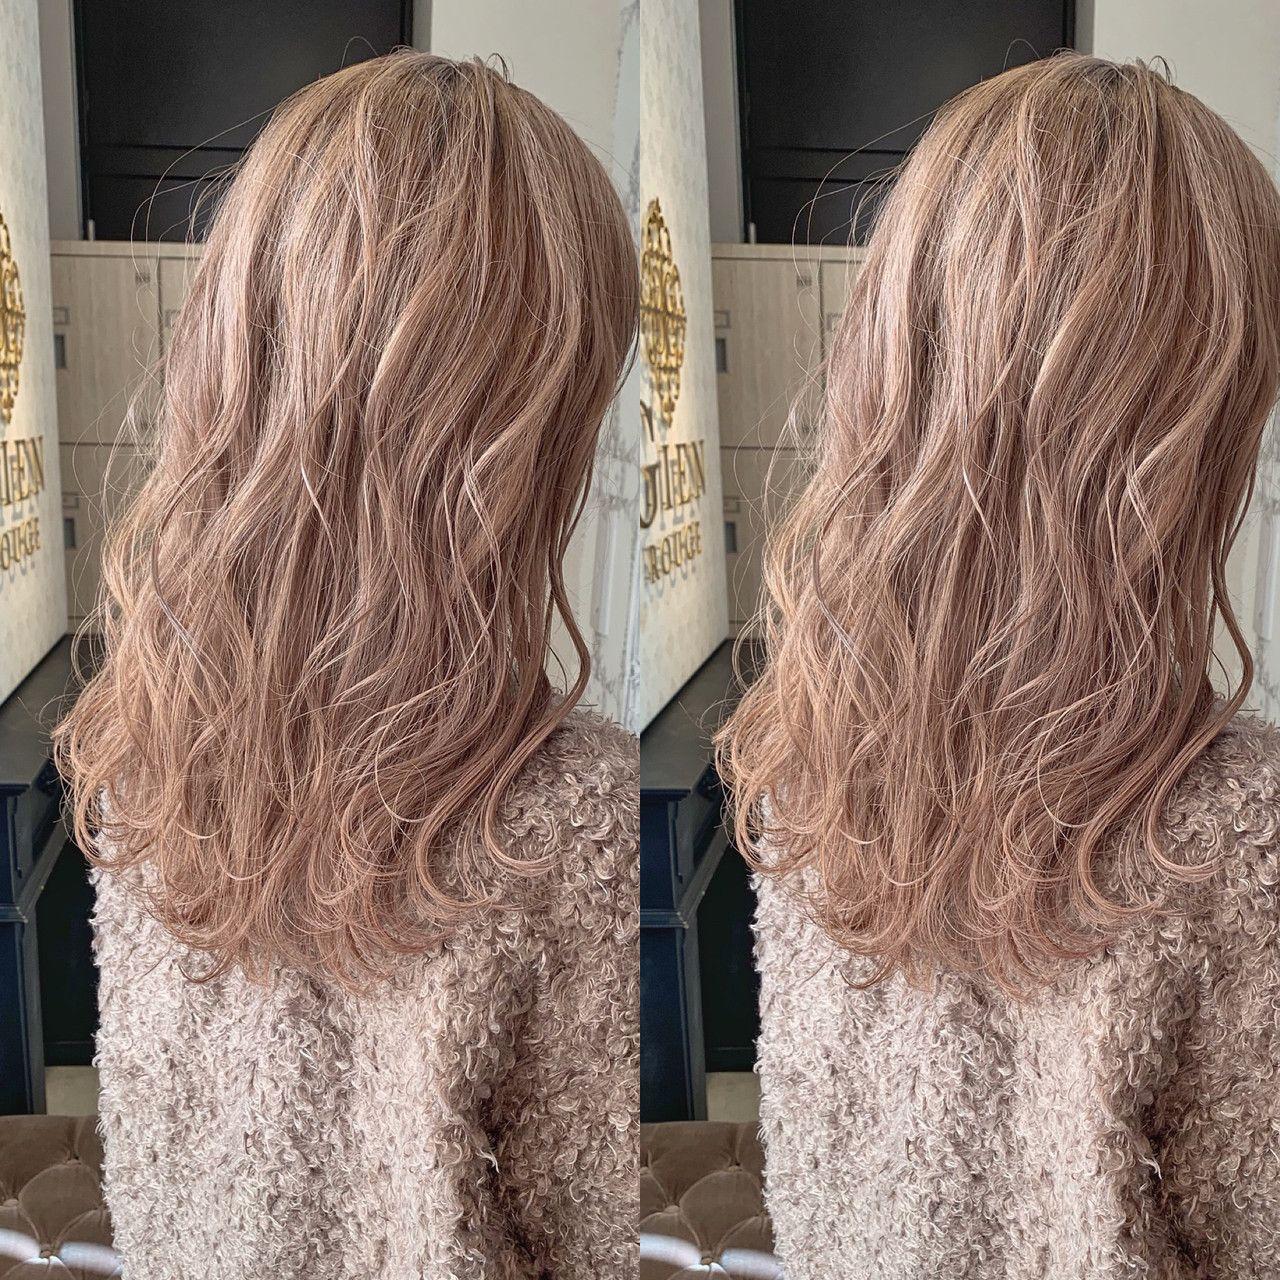 モテ重視 ミルクティーベージュは おフェロな魔法のヘアカラー Hair 髪色 ベージュ 髪色 ミルクティー 髪 色 明るめ